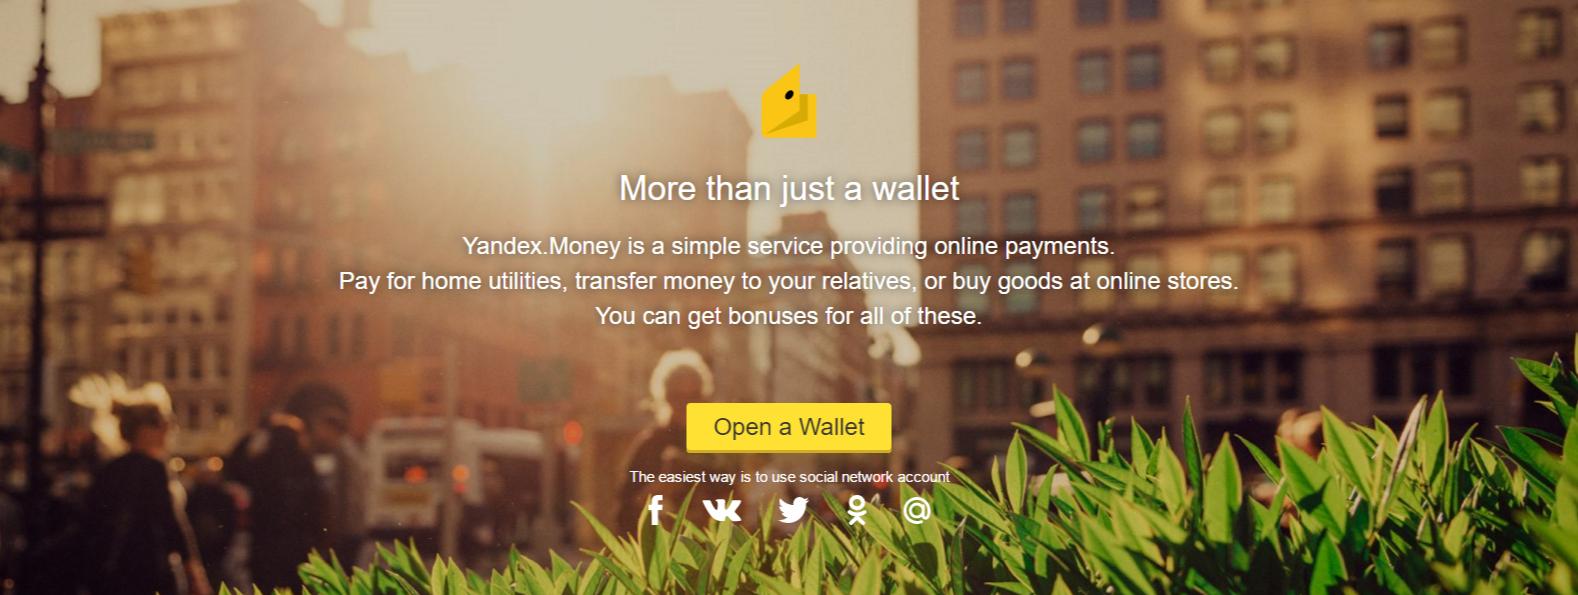 Hướng dẫn tạo thẻ MasterCard miễn phí